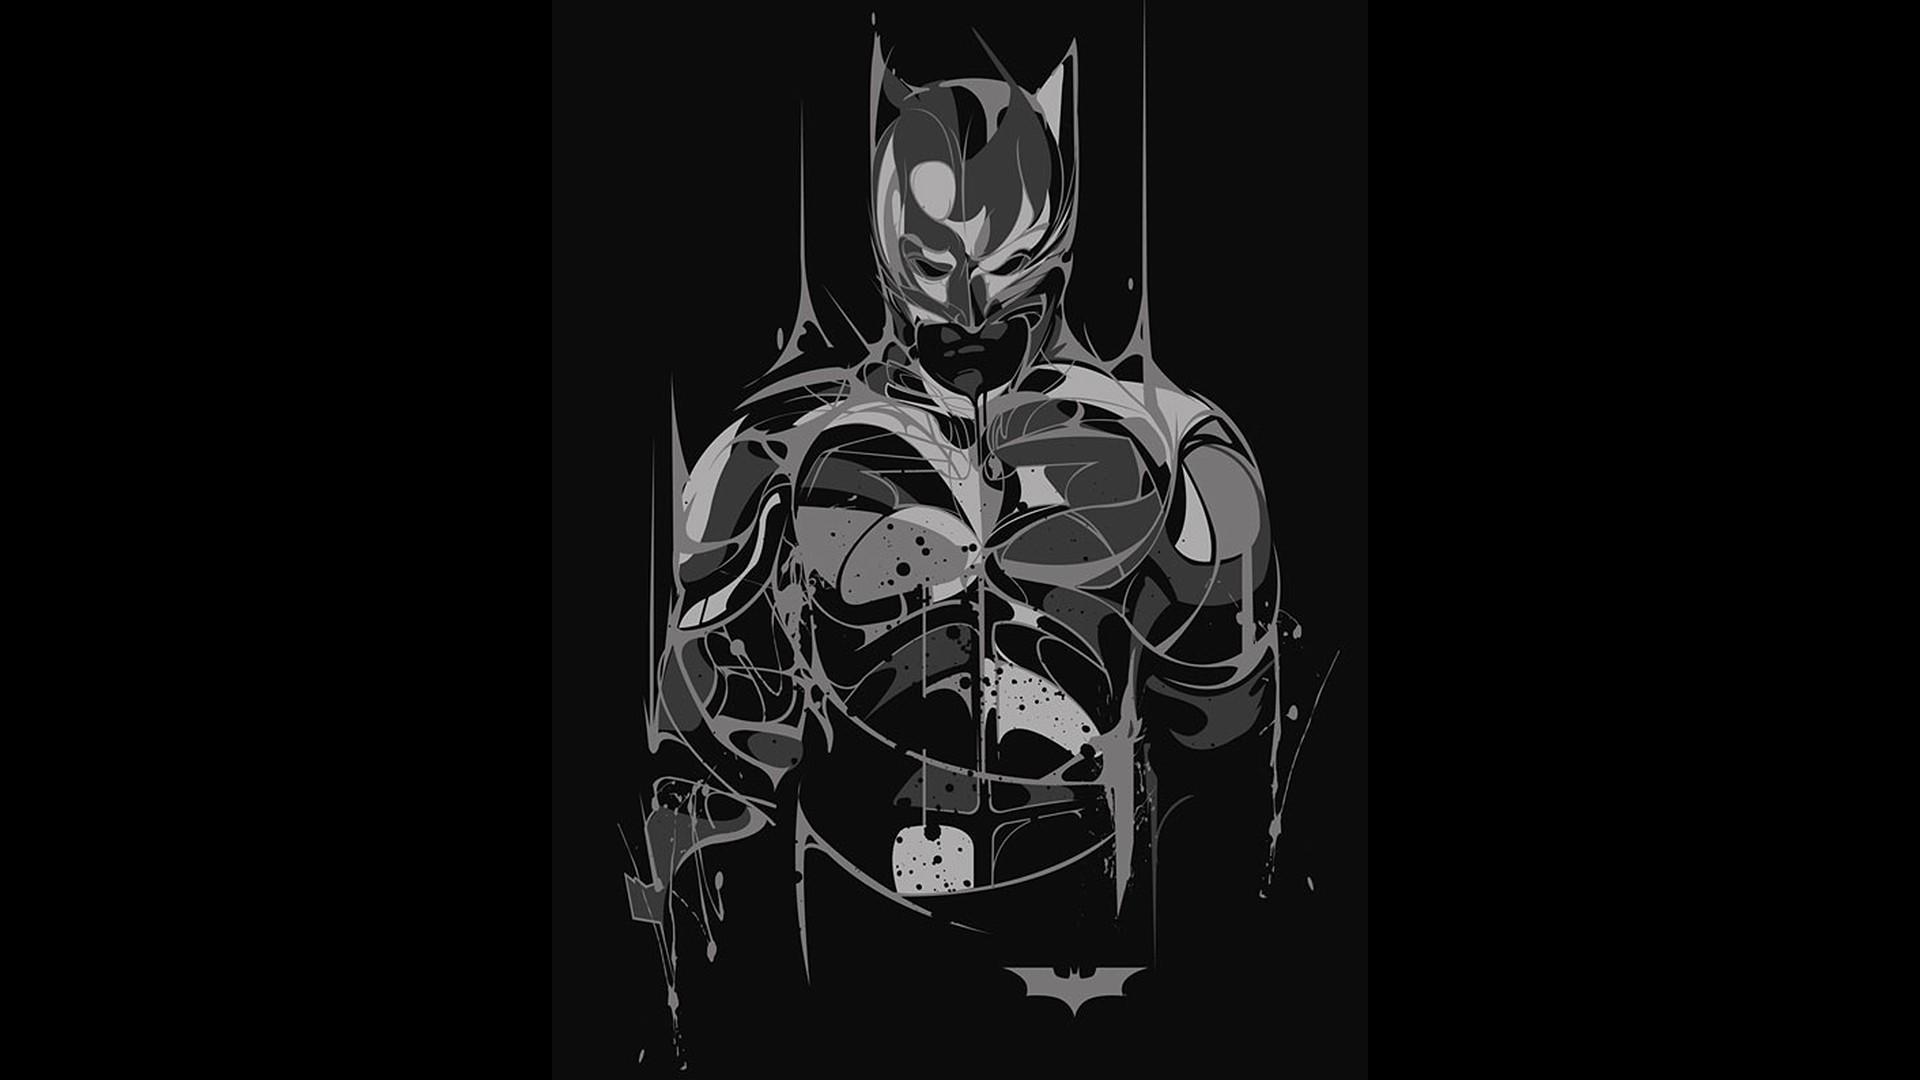 Dc Comics Batman Background Wallpaper.